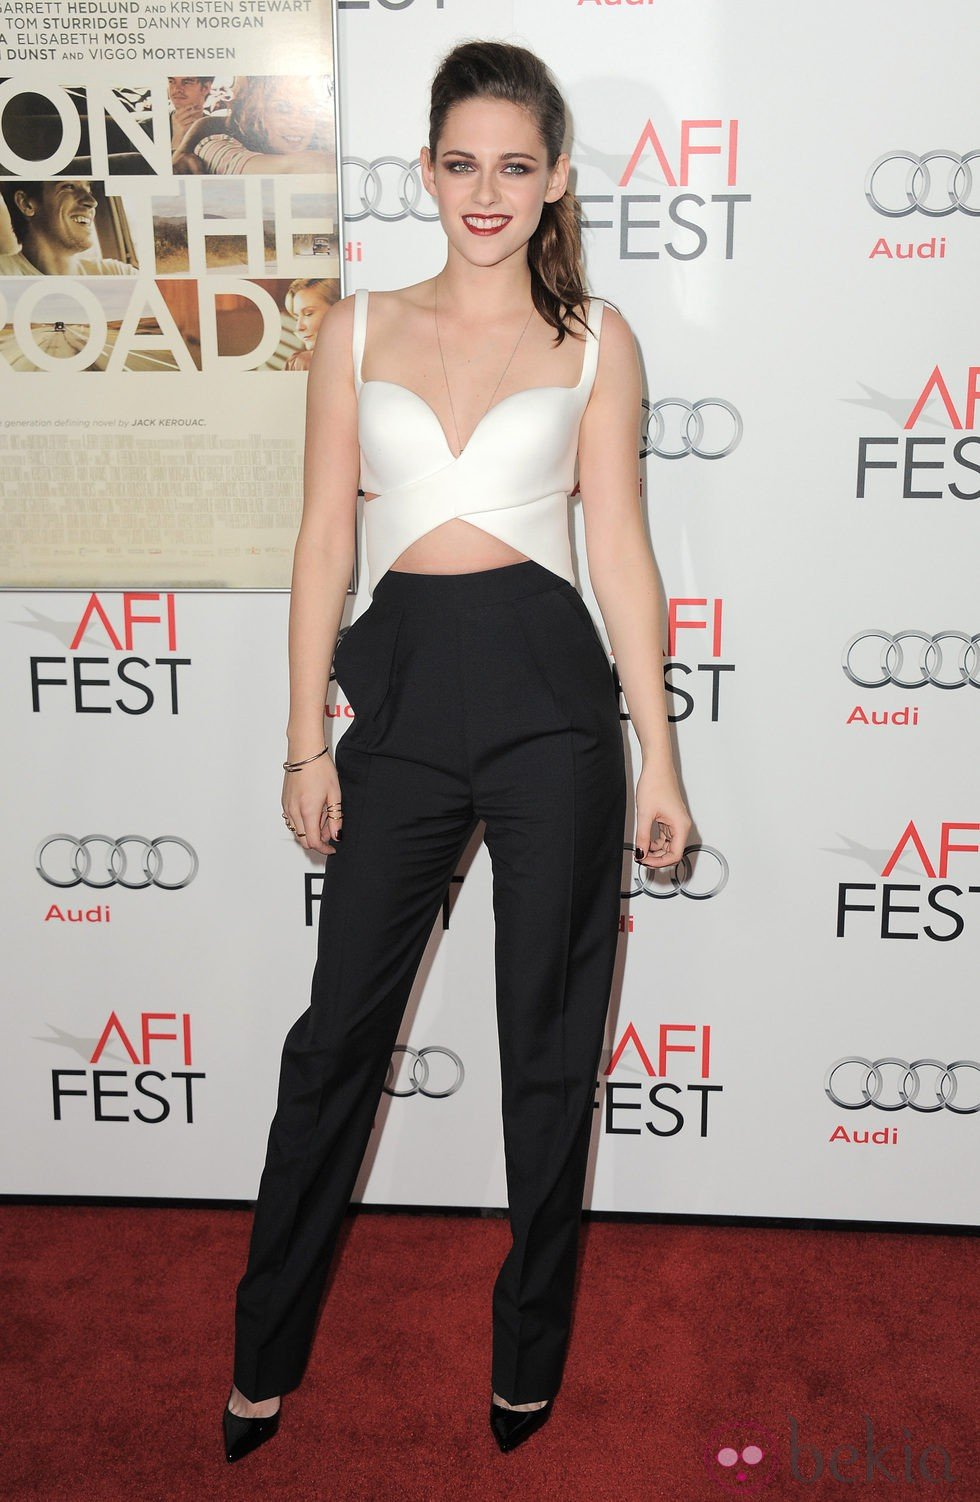 Kristen Stewart promociona 'On The Road' en el AFI Fest